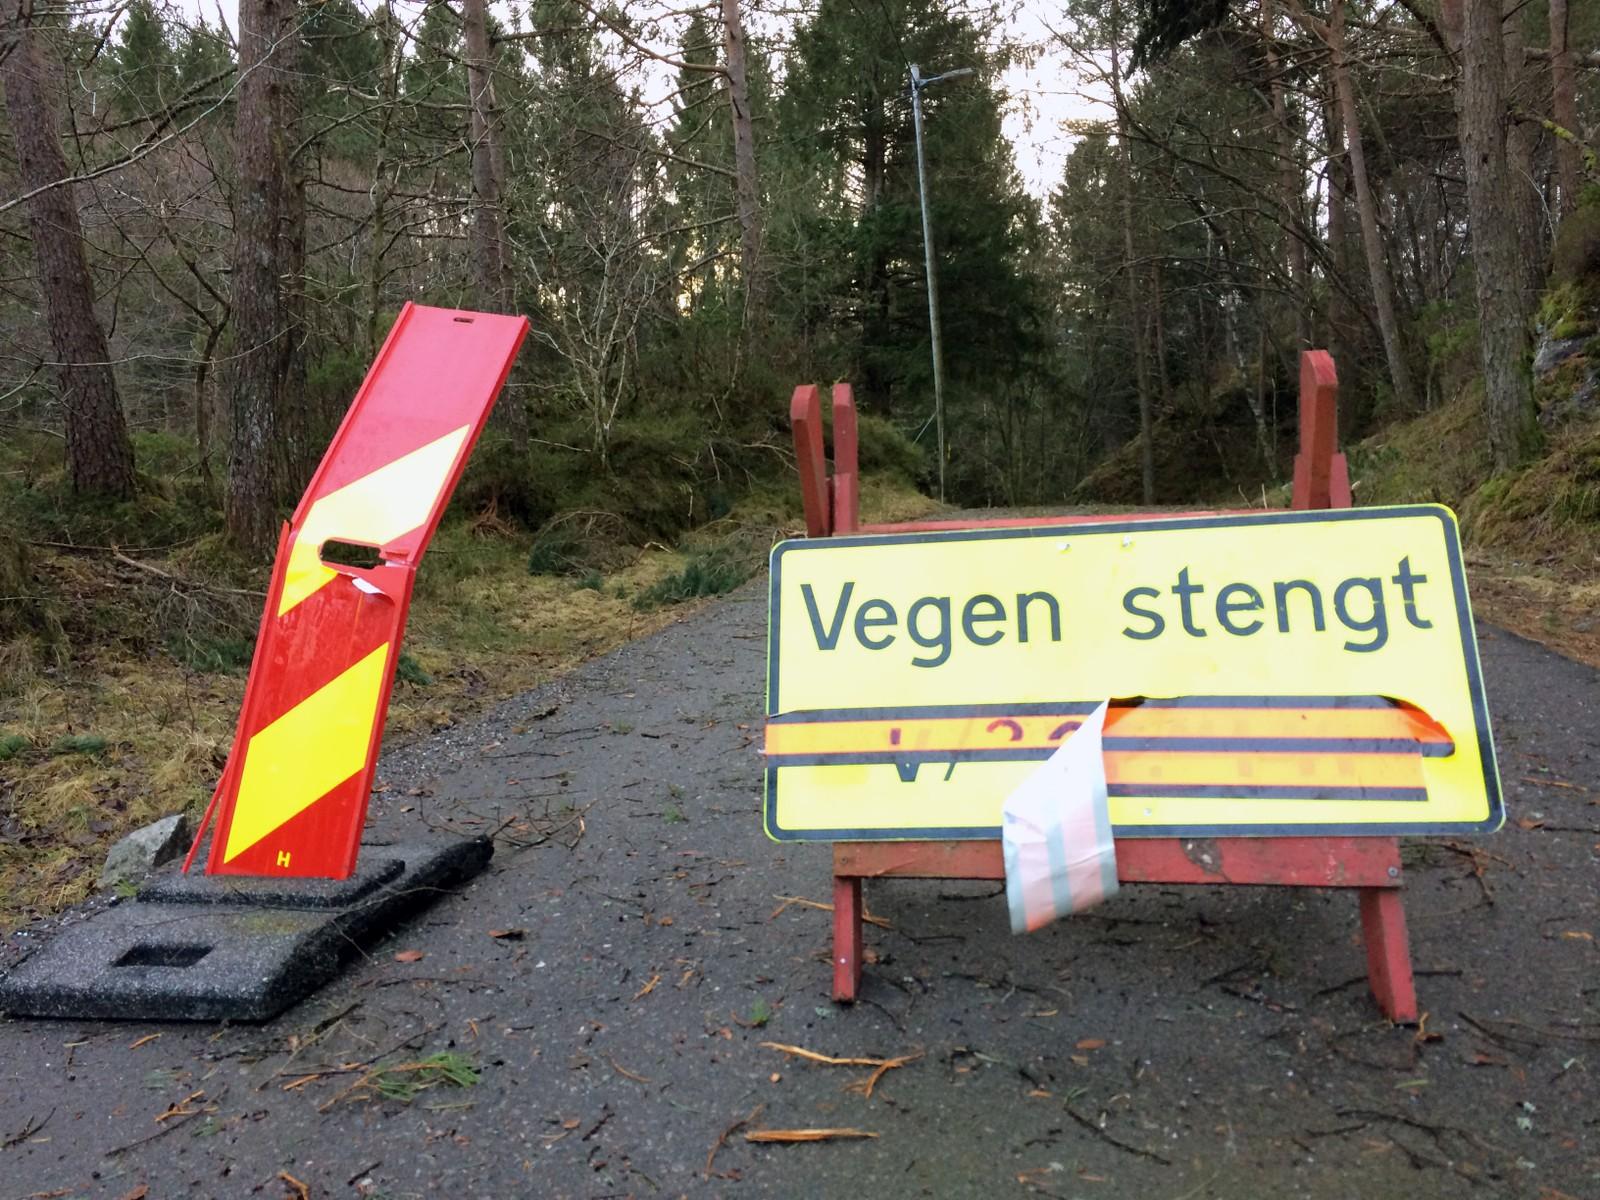 Geithusvegen på Hjellestad i Bergen er helt stengt. NRK-journalist Astrid Rommetveit forteller at det er så mange trær som ligger nede at hun ikke kan telle dem.